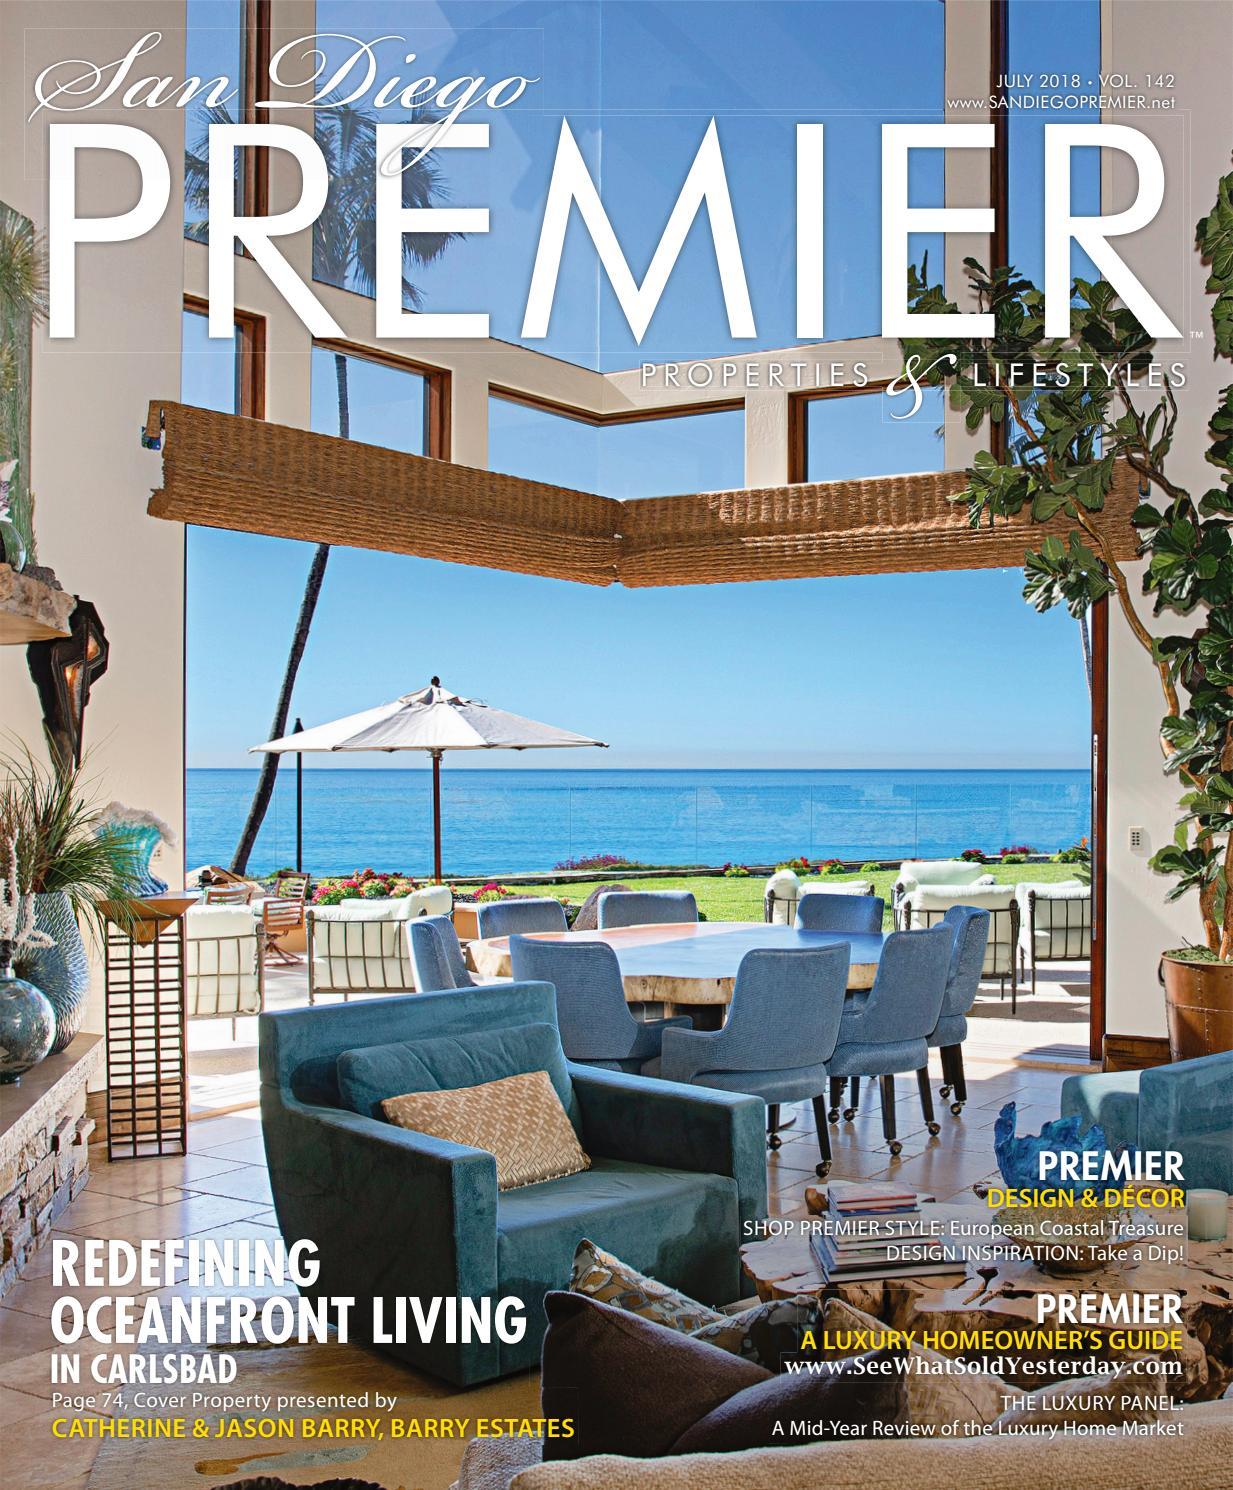 San Diego Premier July 2018 v 142 by San Diego PREMIER - issuu